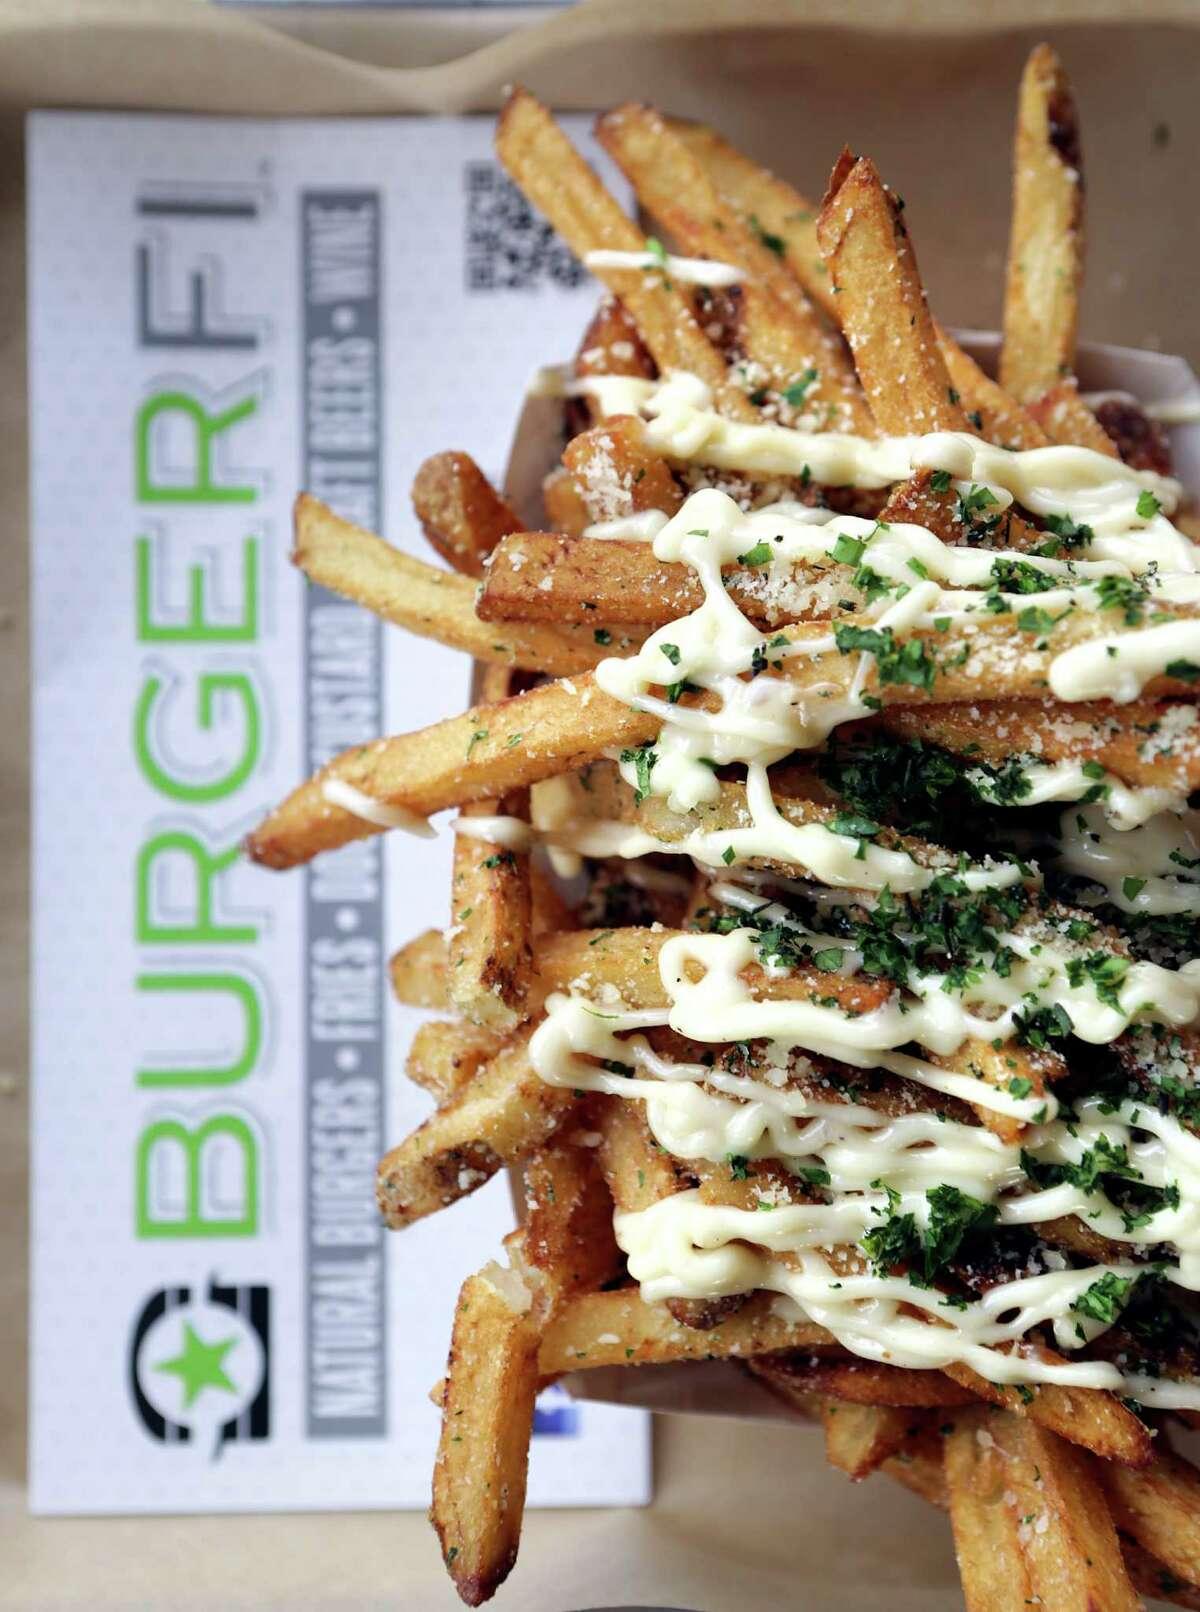 Burger Fi Burger Fi's Urban Fries.